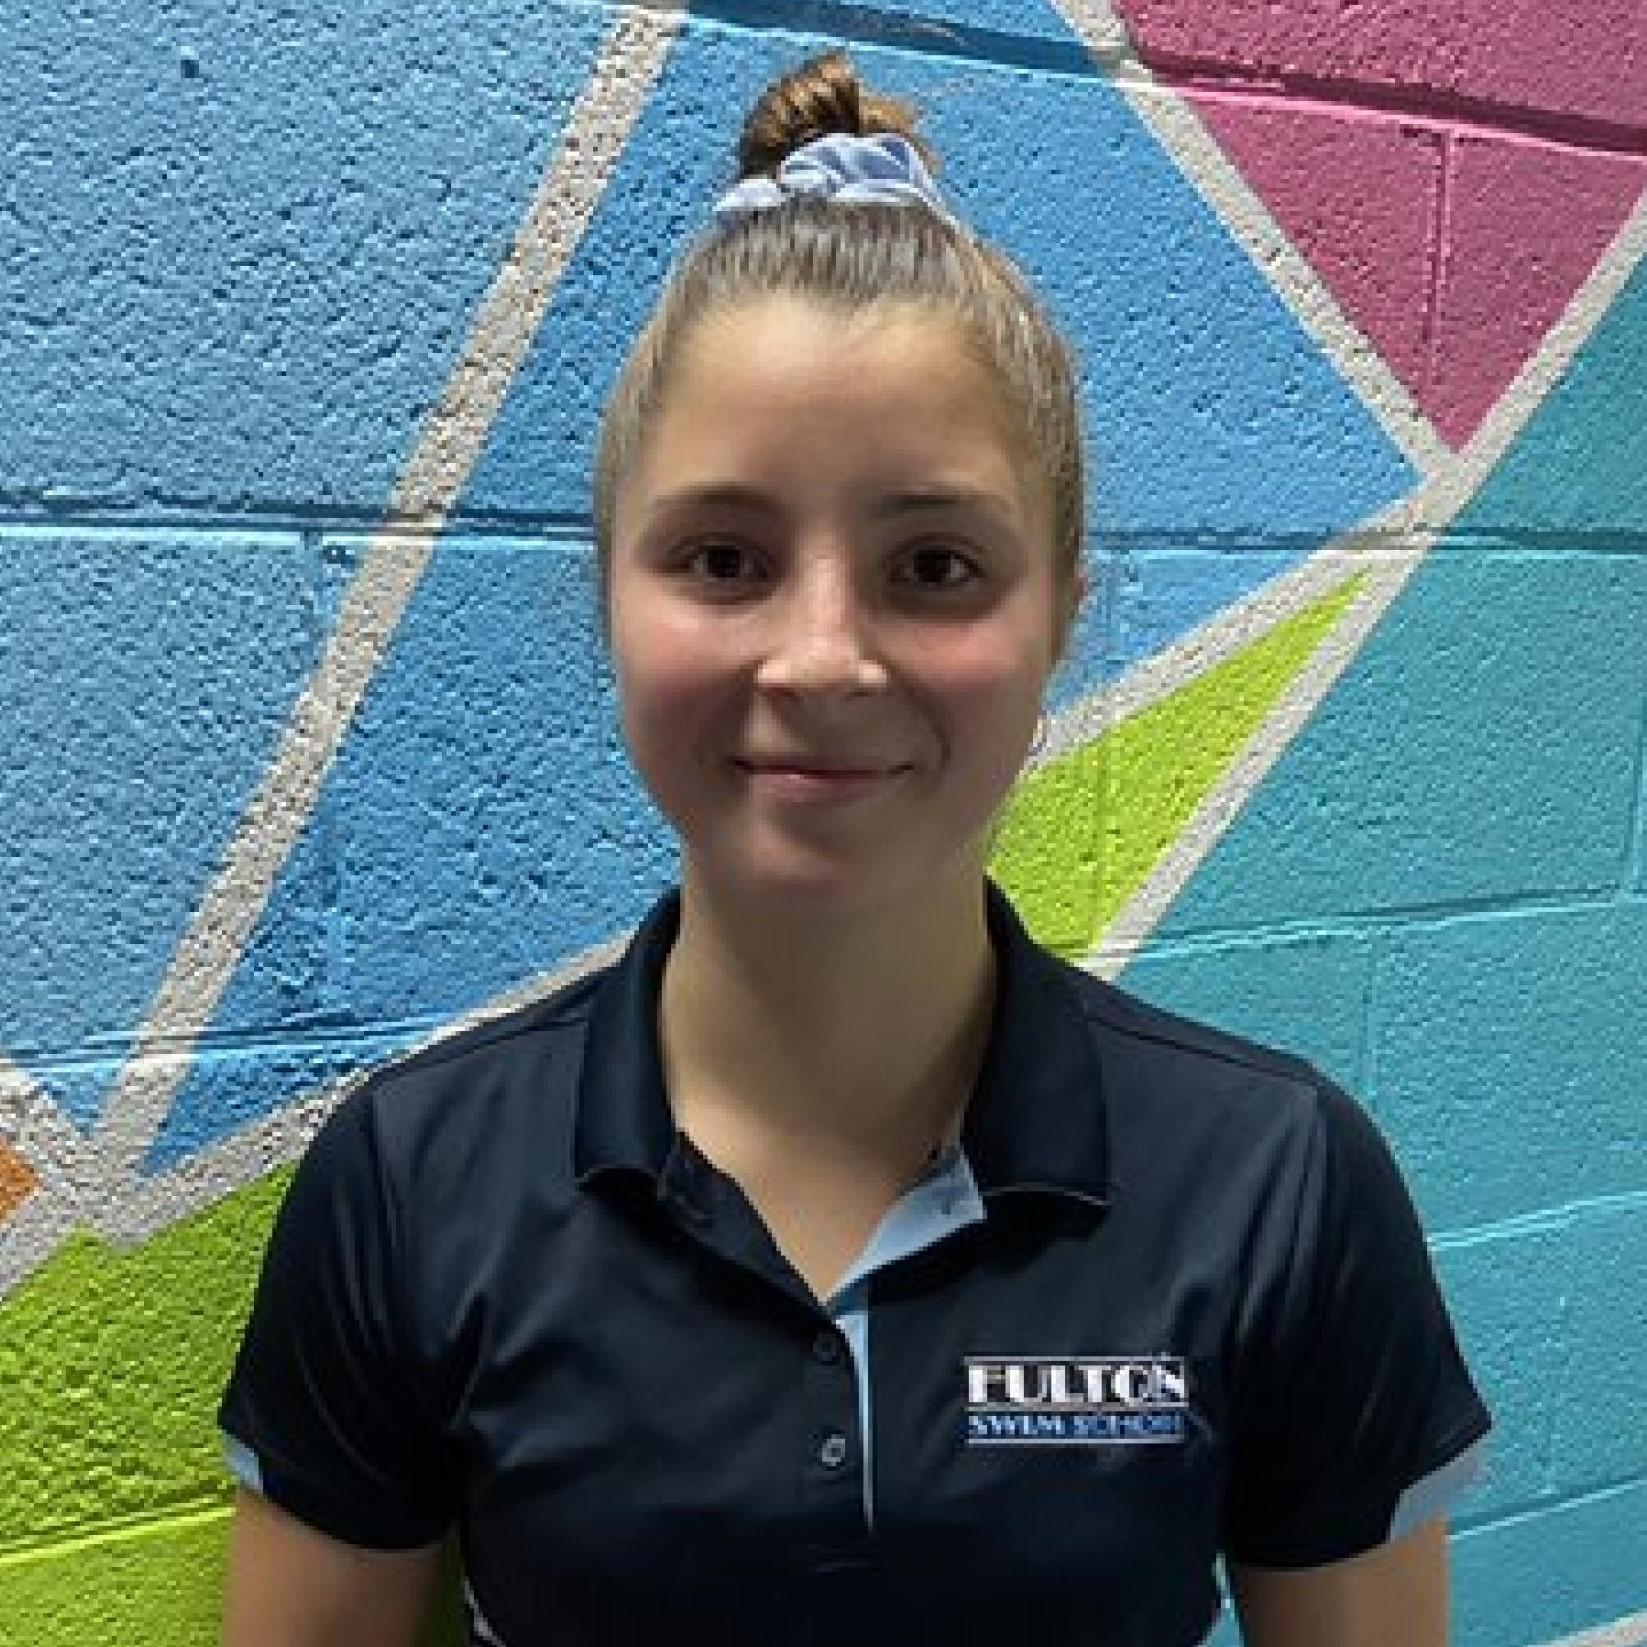 Kelly - Fulton Swim School Teacher